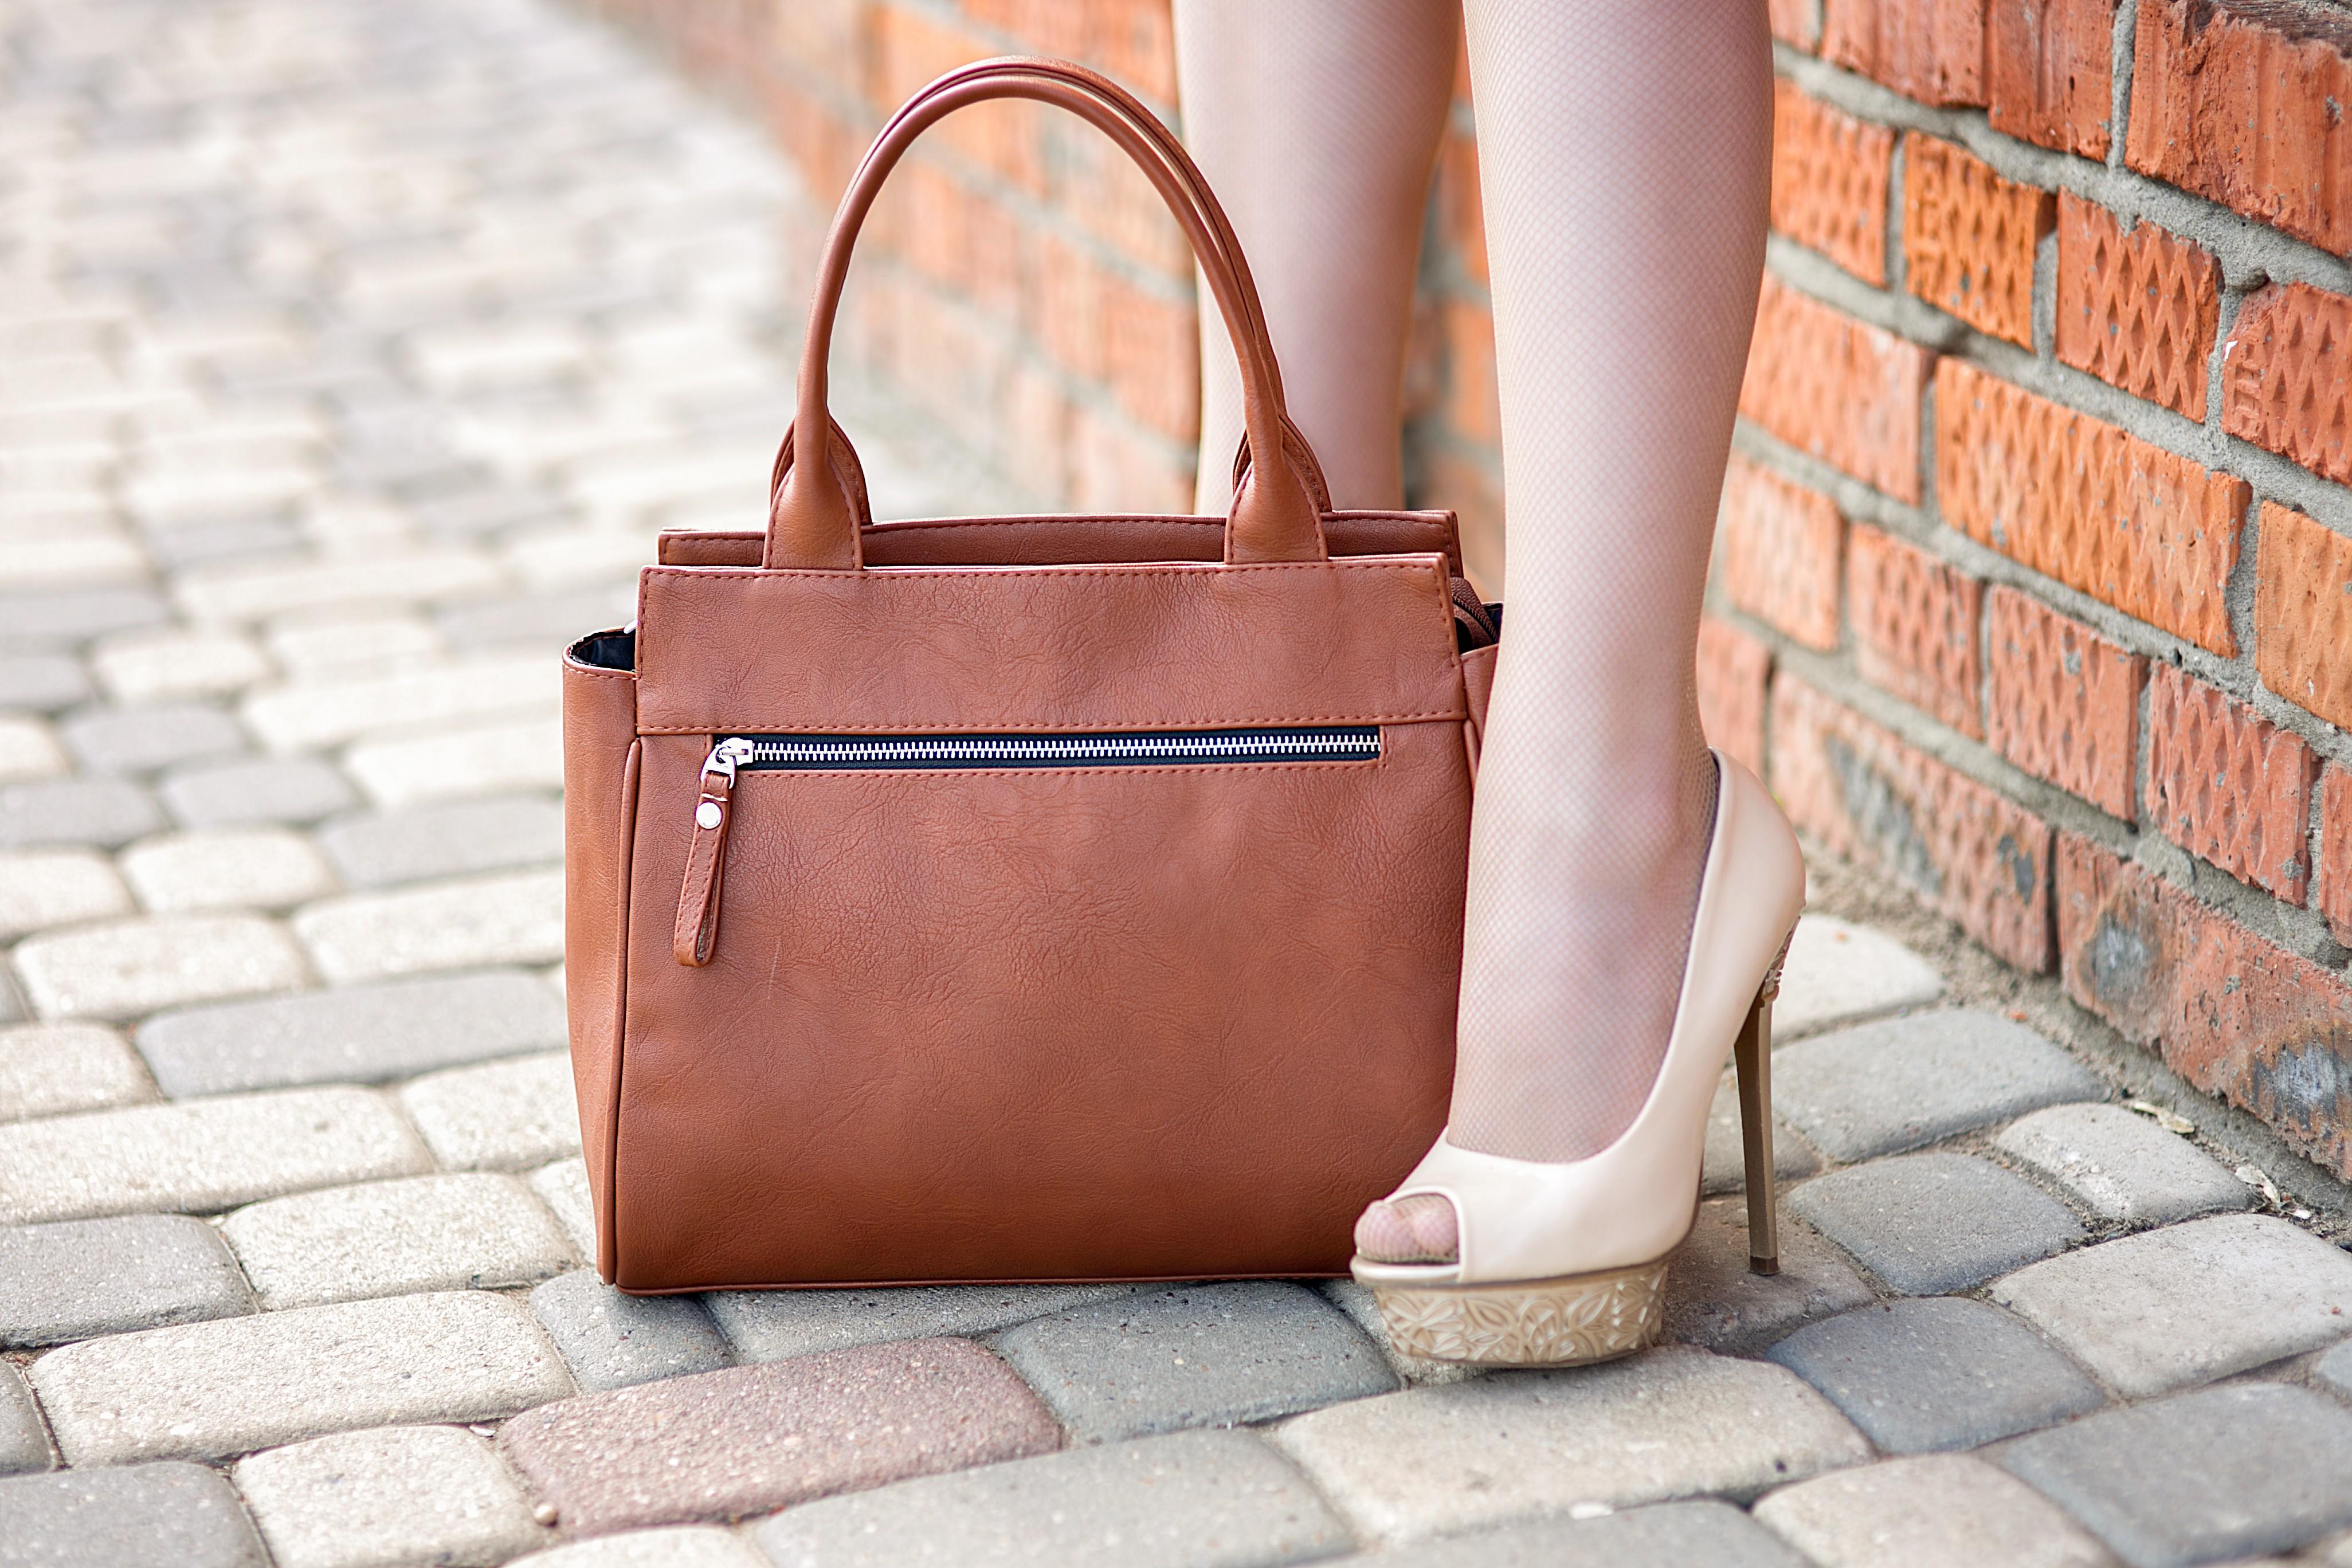 Сбор заказов. Фабричные сумочки от российского производителя Osso! Низкие цены и отличное качество! Новинки уже в